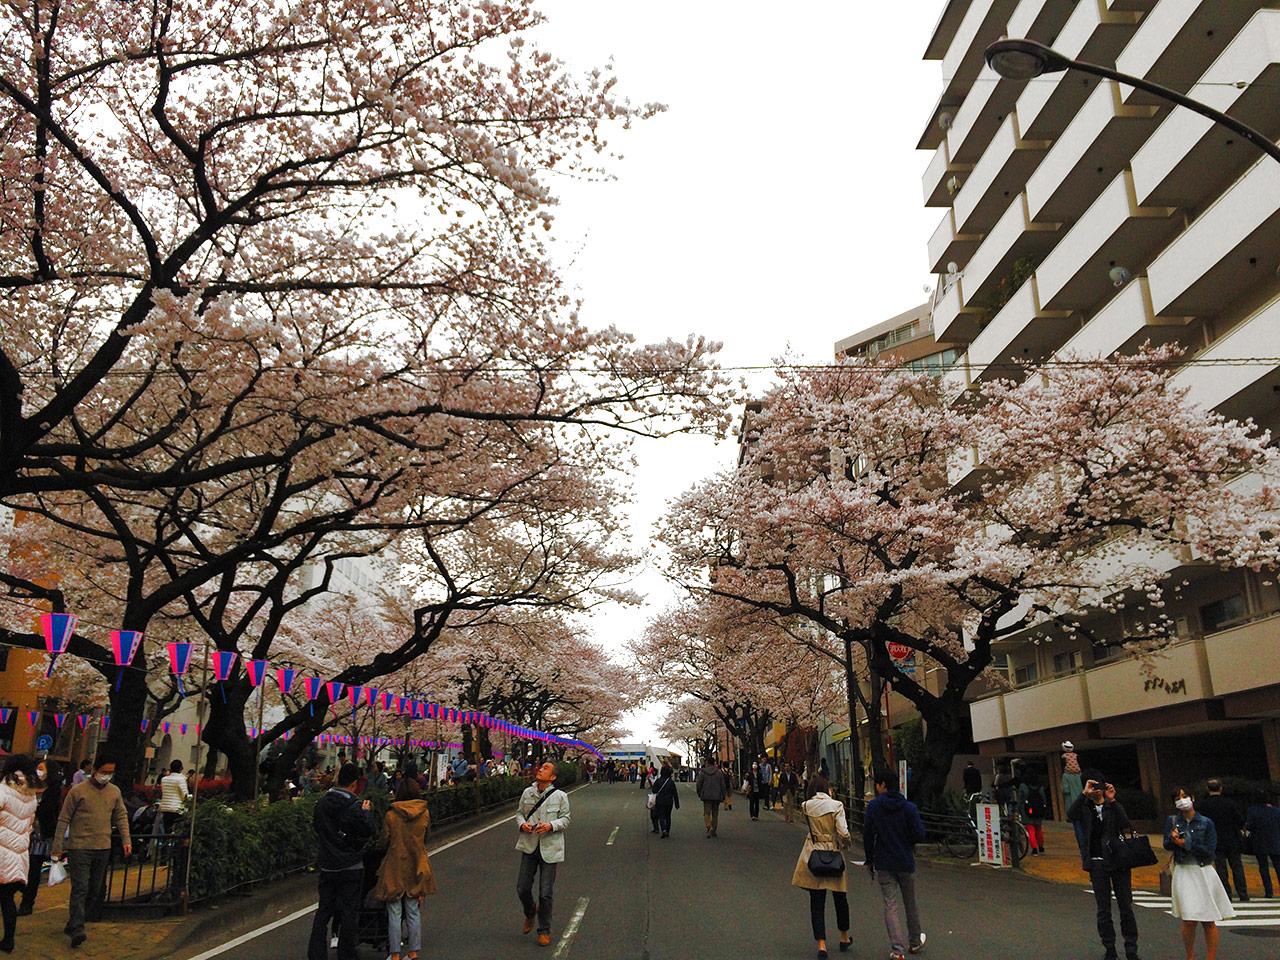 今回の桜祭りでは、道路を通行止めして歩行者天国のようにもなっていましたね。皆さん桜を撮影していました。